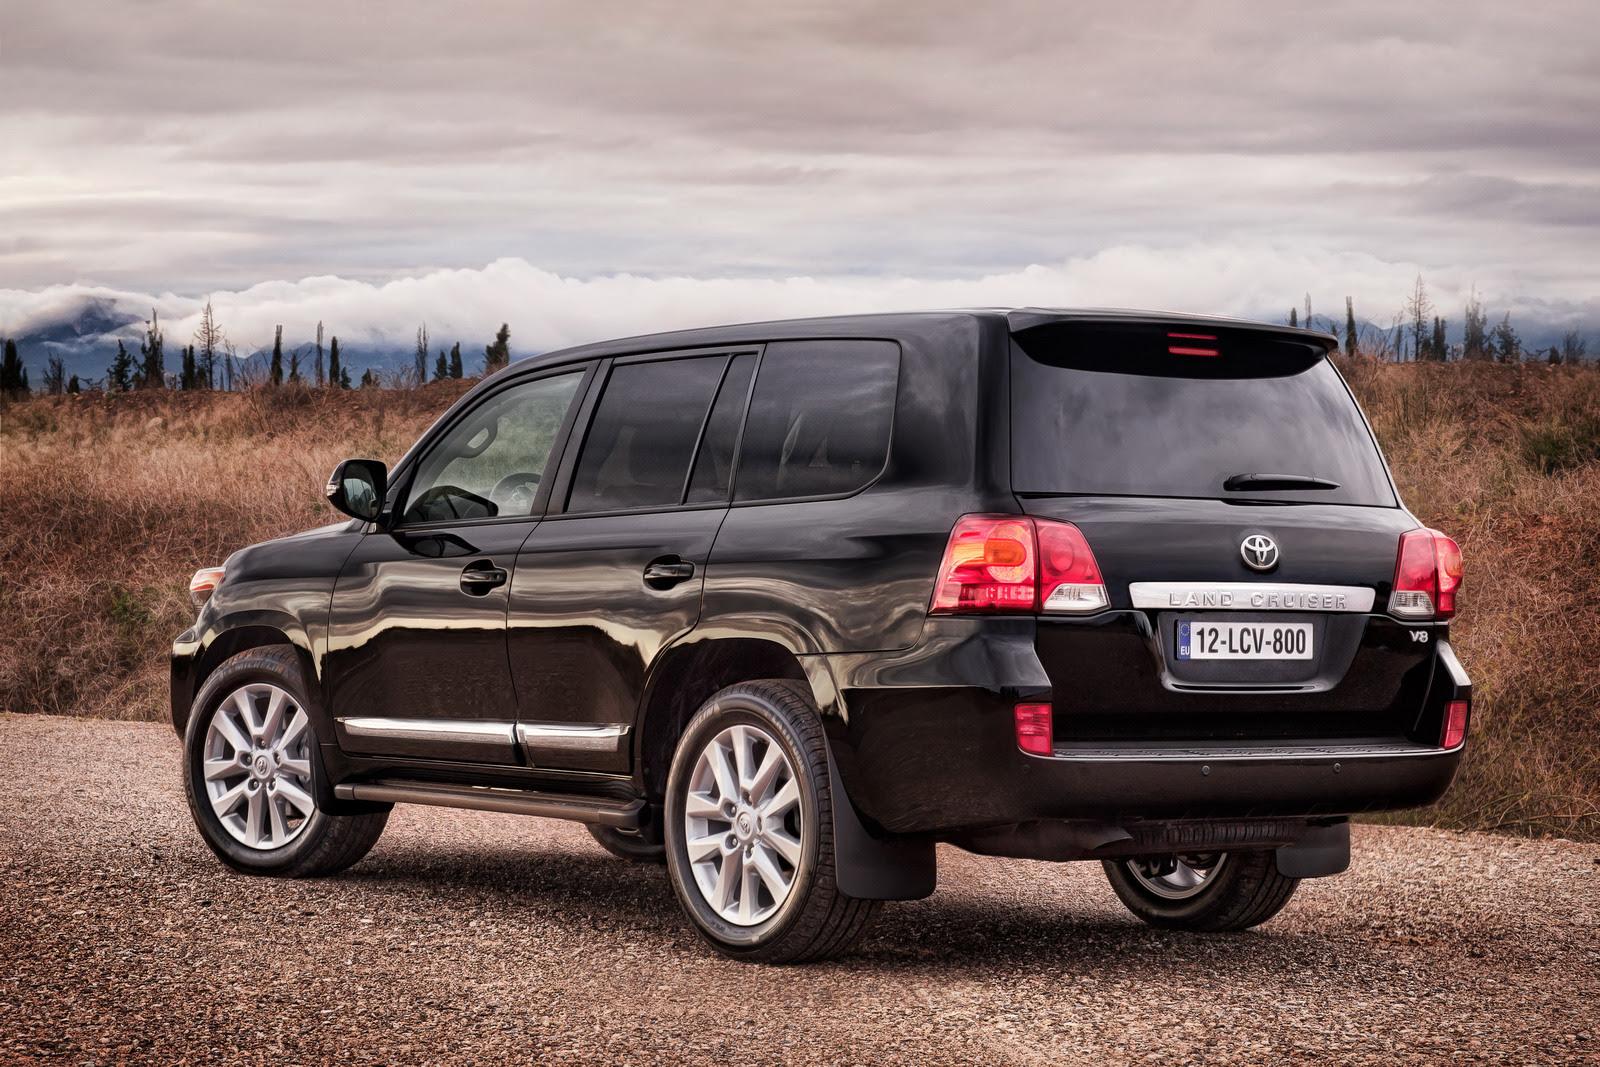 Toyota Land Cruiser Prado 2013: una hermosa SUV con todas las ...